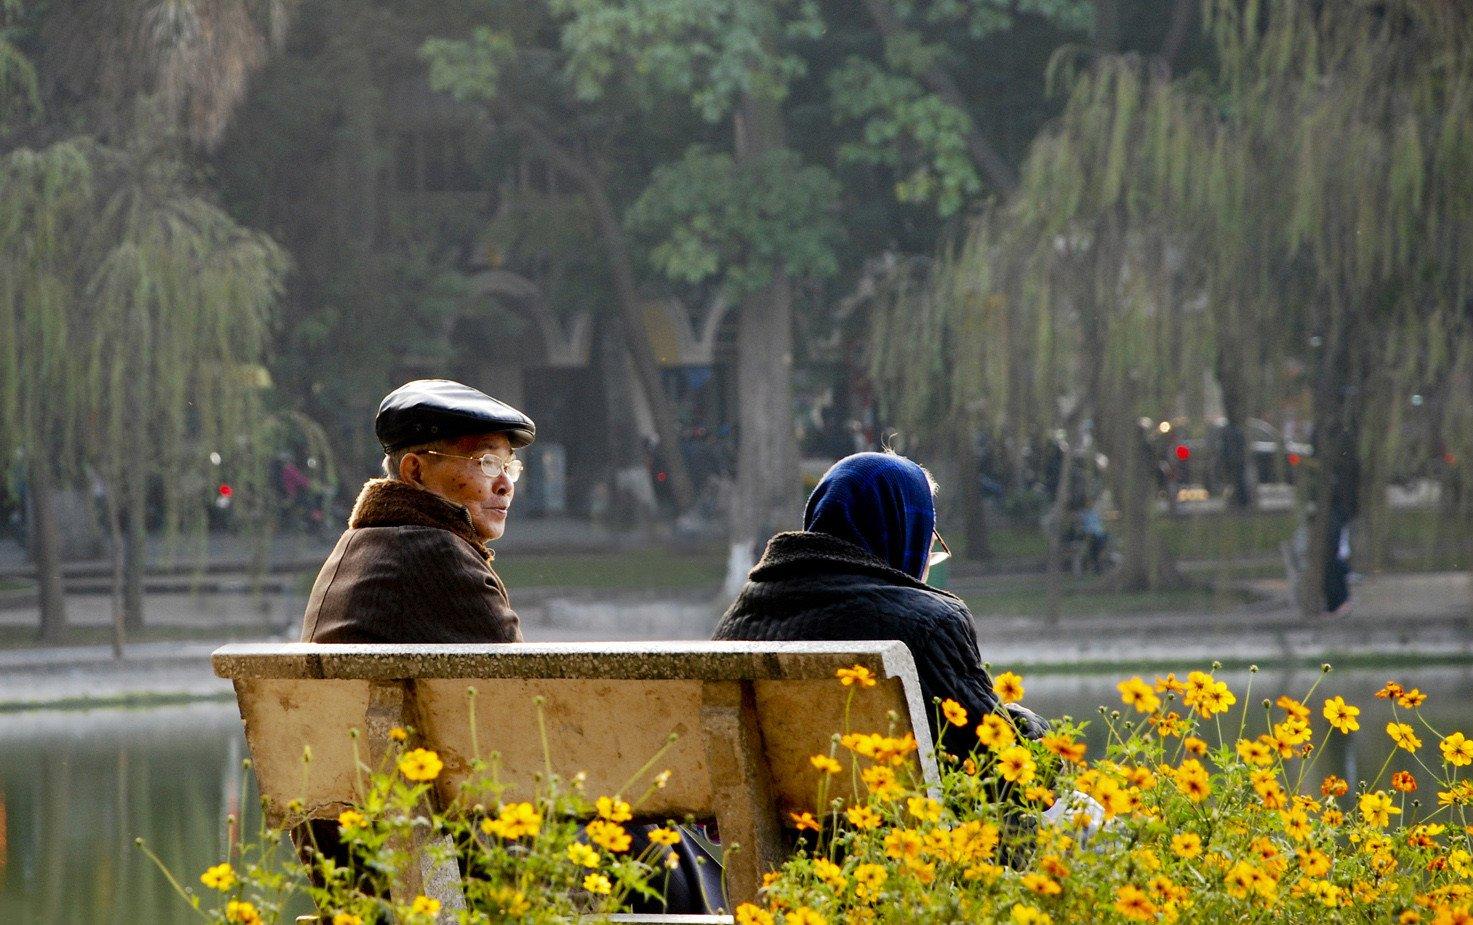 Hình ảnh Dự báo thời tiết ngày 13/1: Miền Bắc rét về đêm và sáng, Hà Nội có nắng số 1